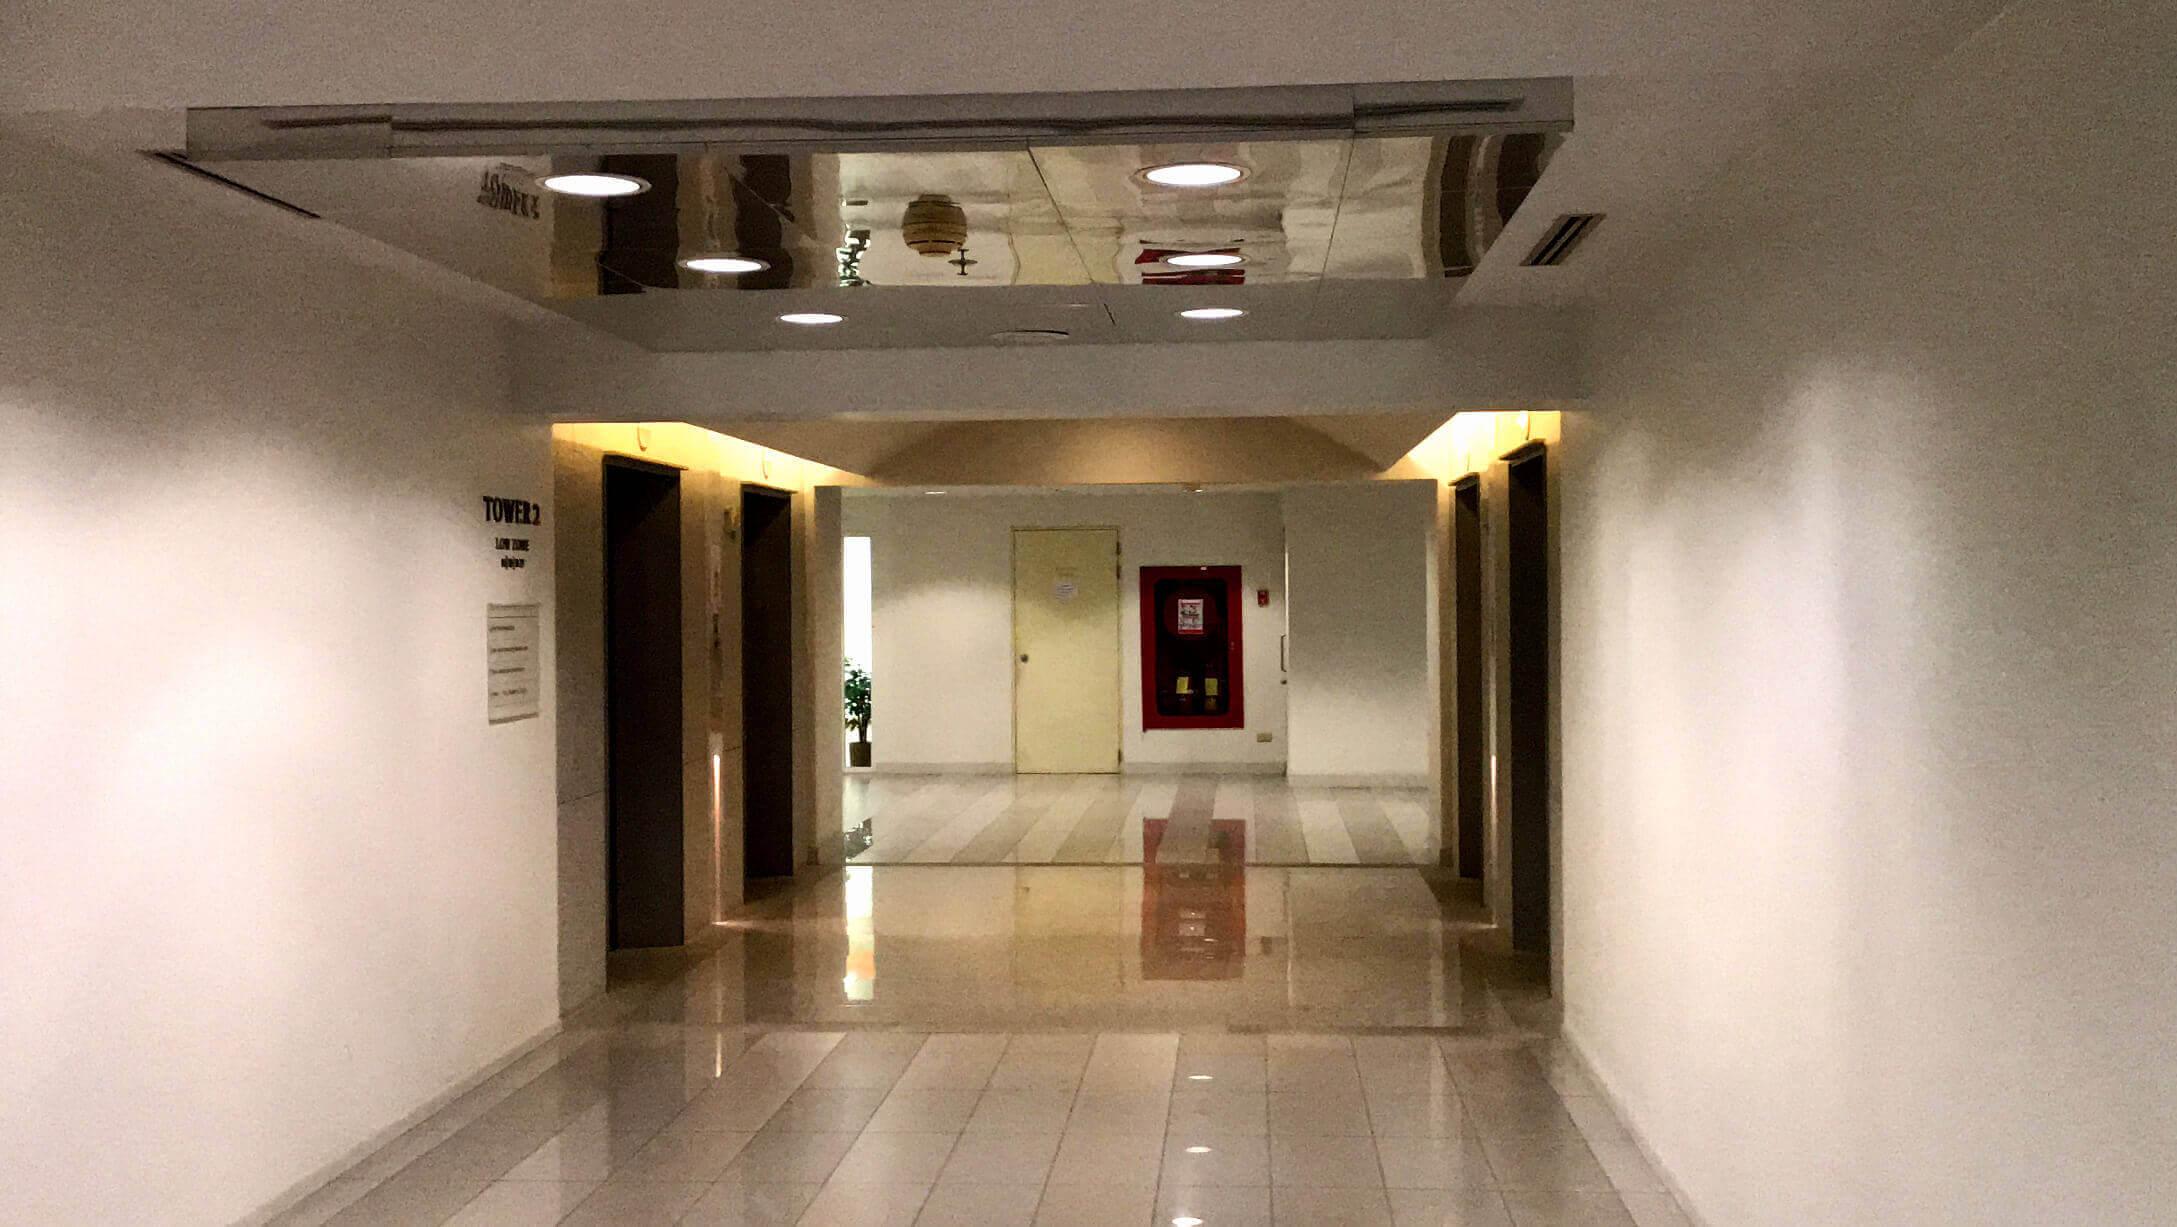 オフィス物件 Empire Tower オフィススペースへのエレベーター